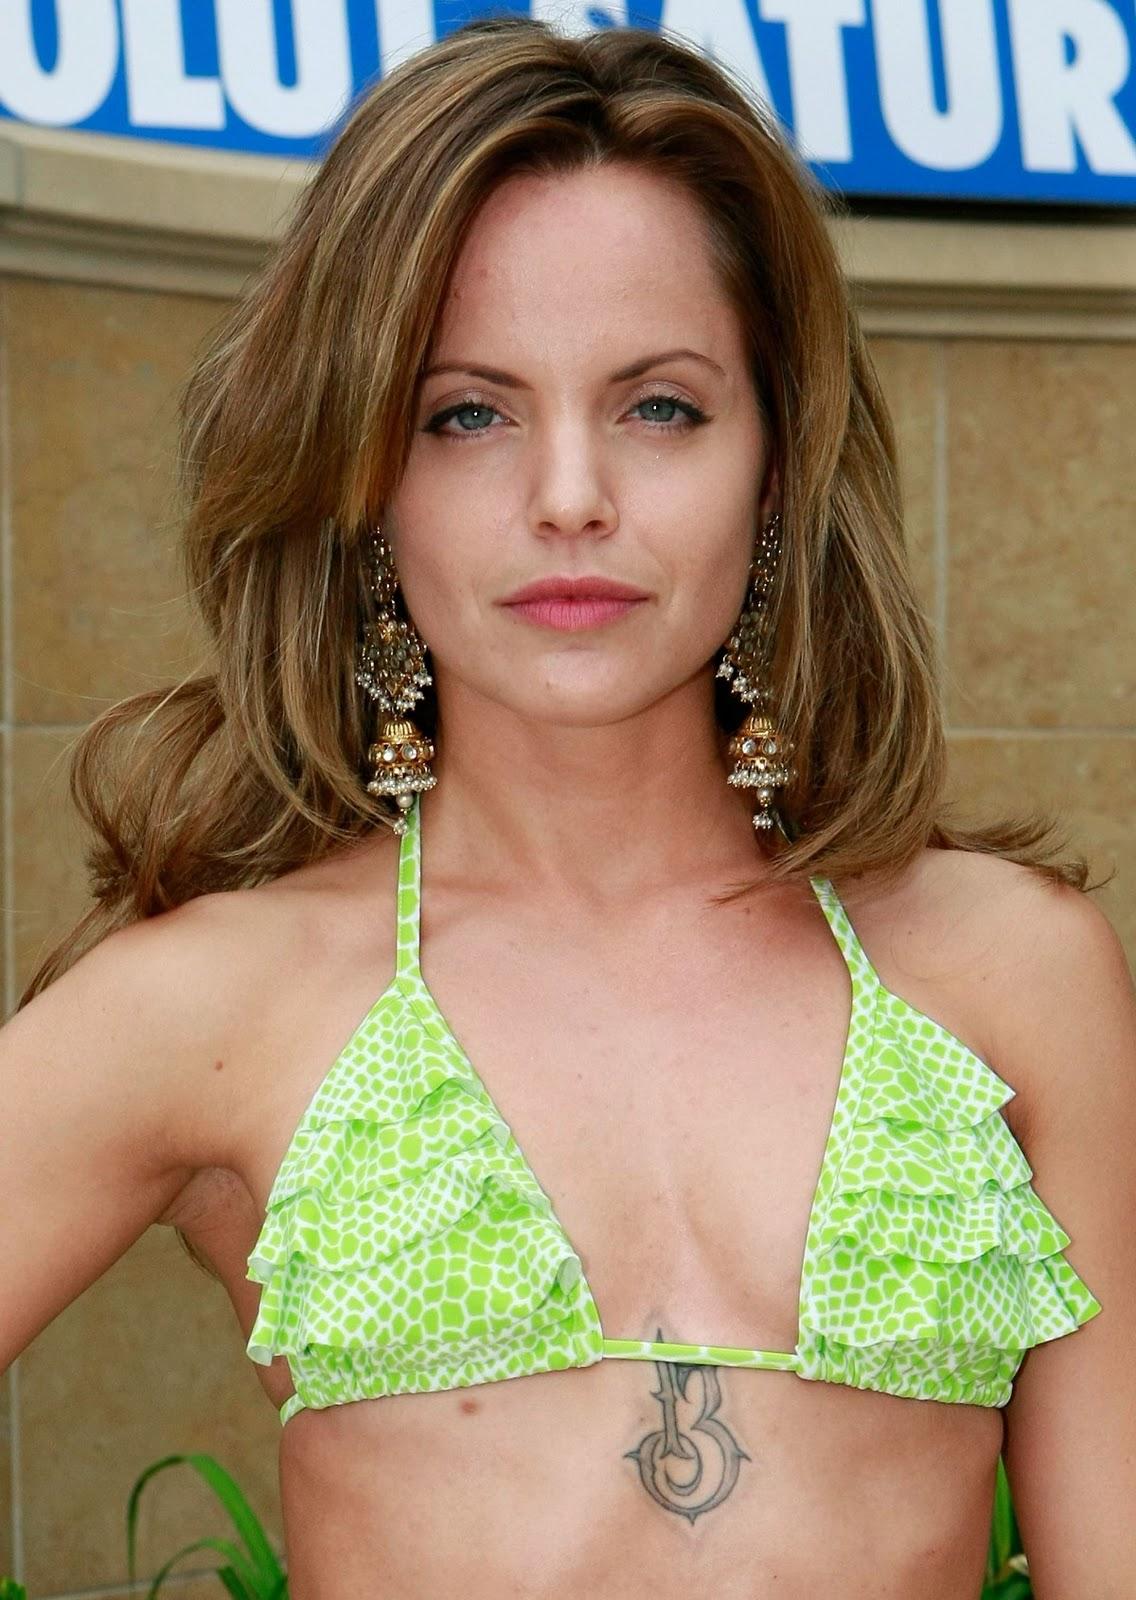 http://1.bp.blogspot.com/-EQUVYFQPR6Y/TpvQDV1OhBI/AAAAAAAAAkY/4WS77QRrxnY/s1600/mena+suvari+in+bikini+%25282%2529.jpg